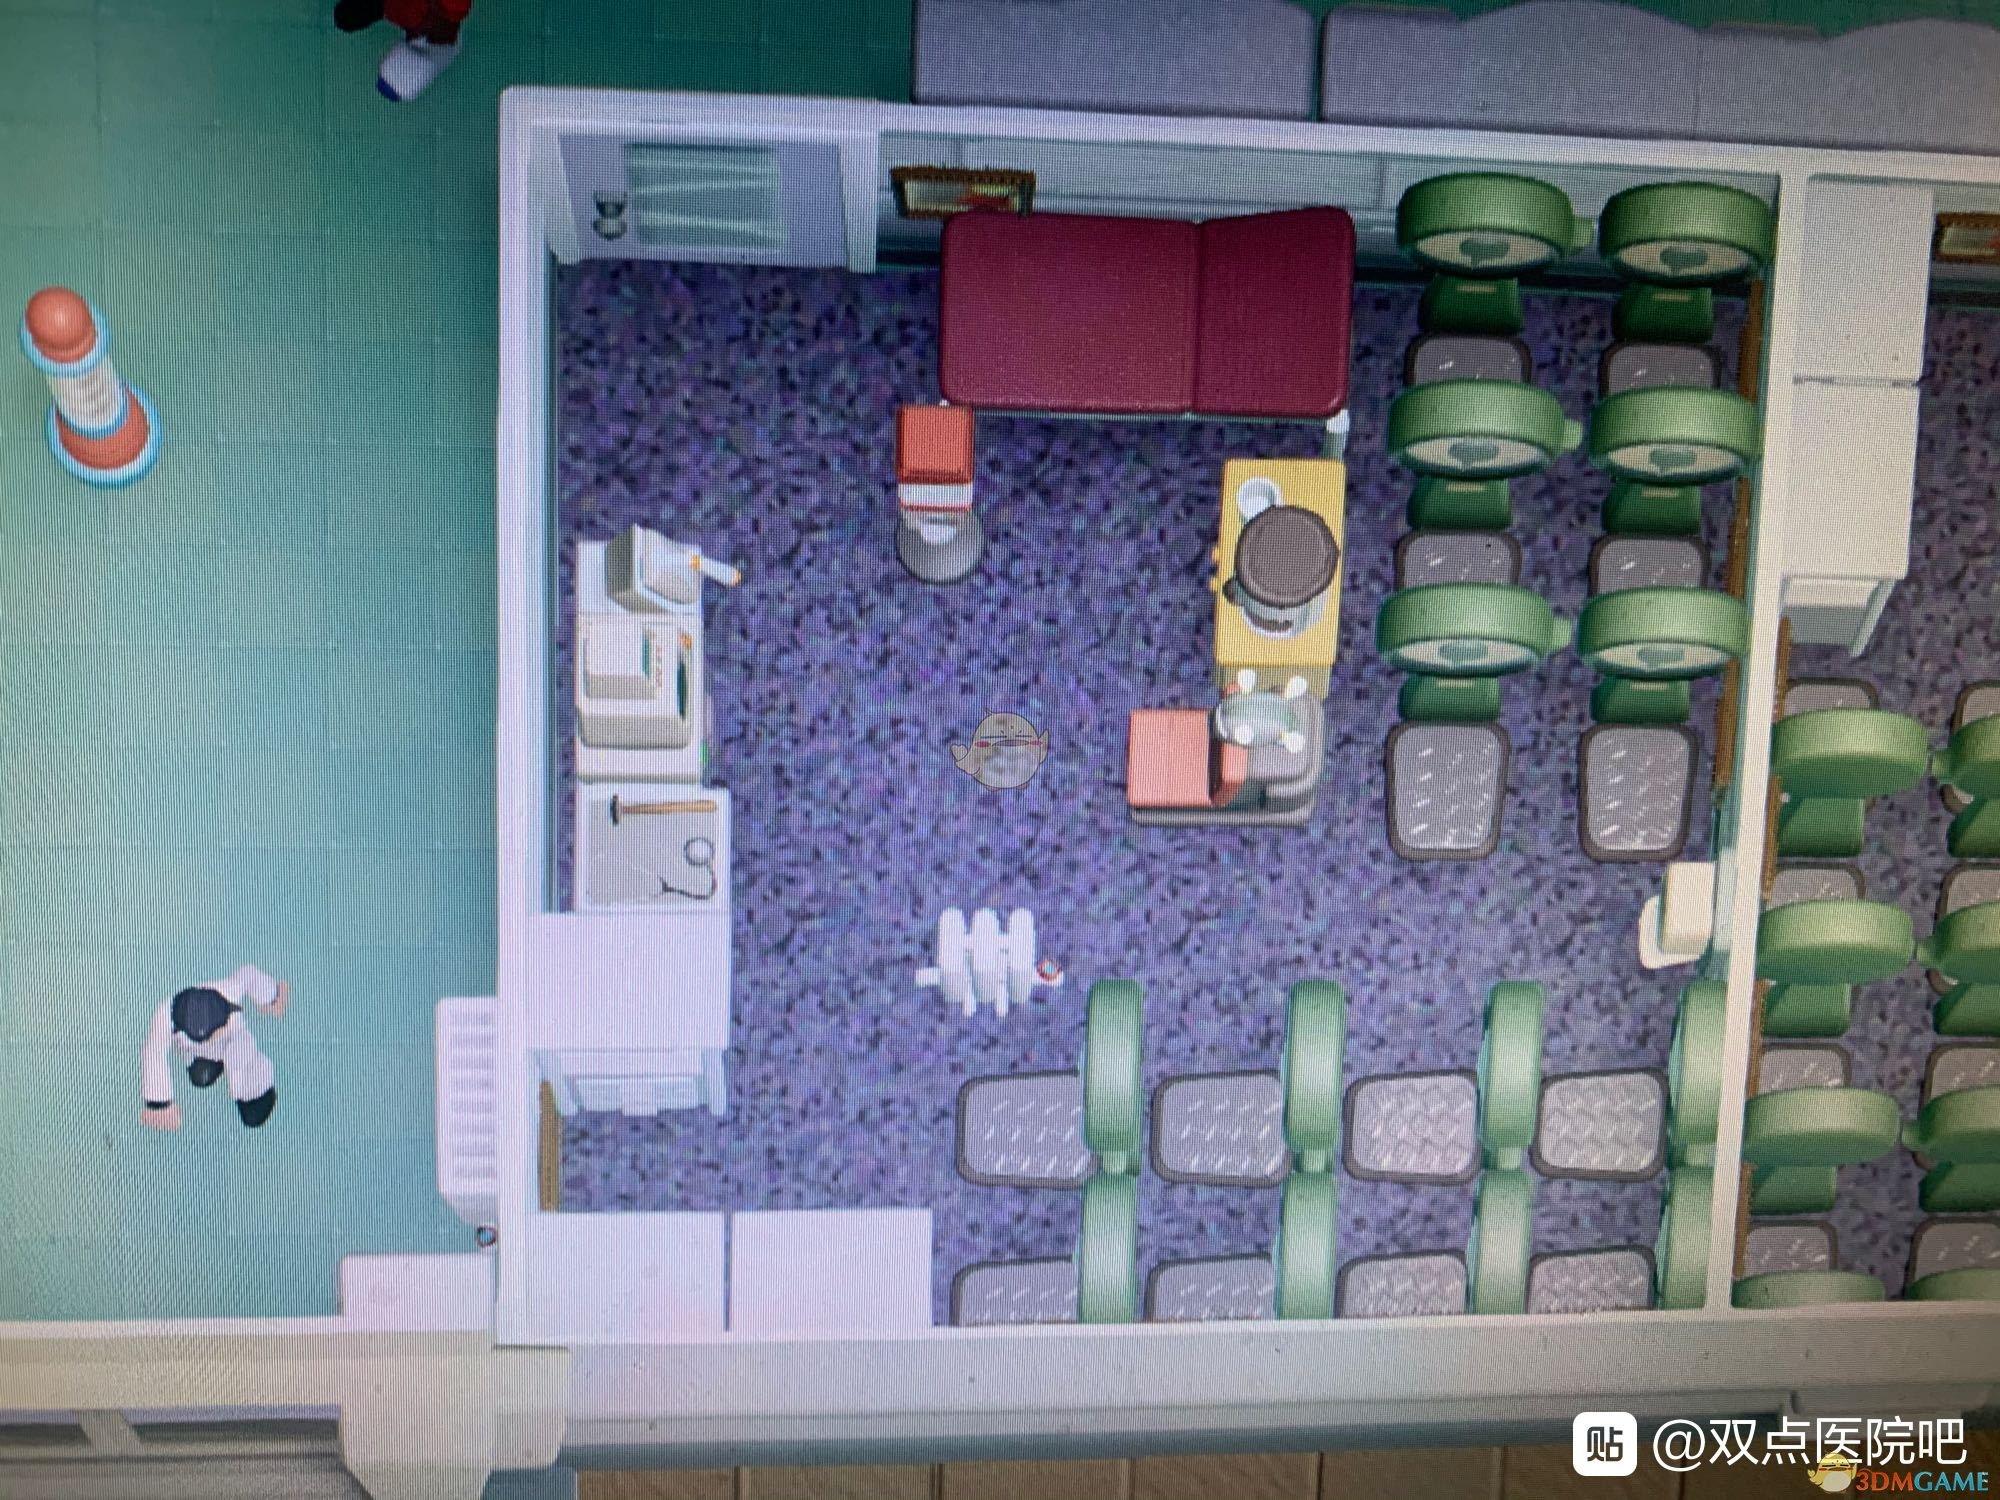 《双点医院》个人极限诊室布局